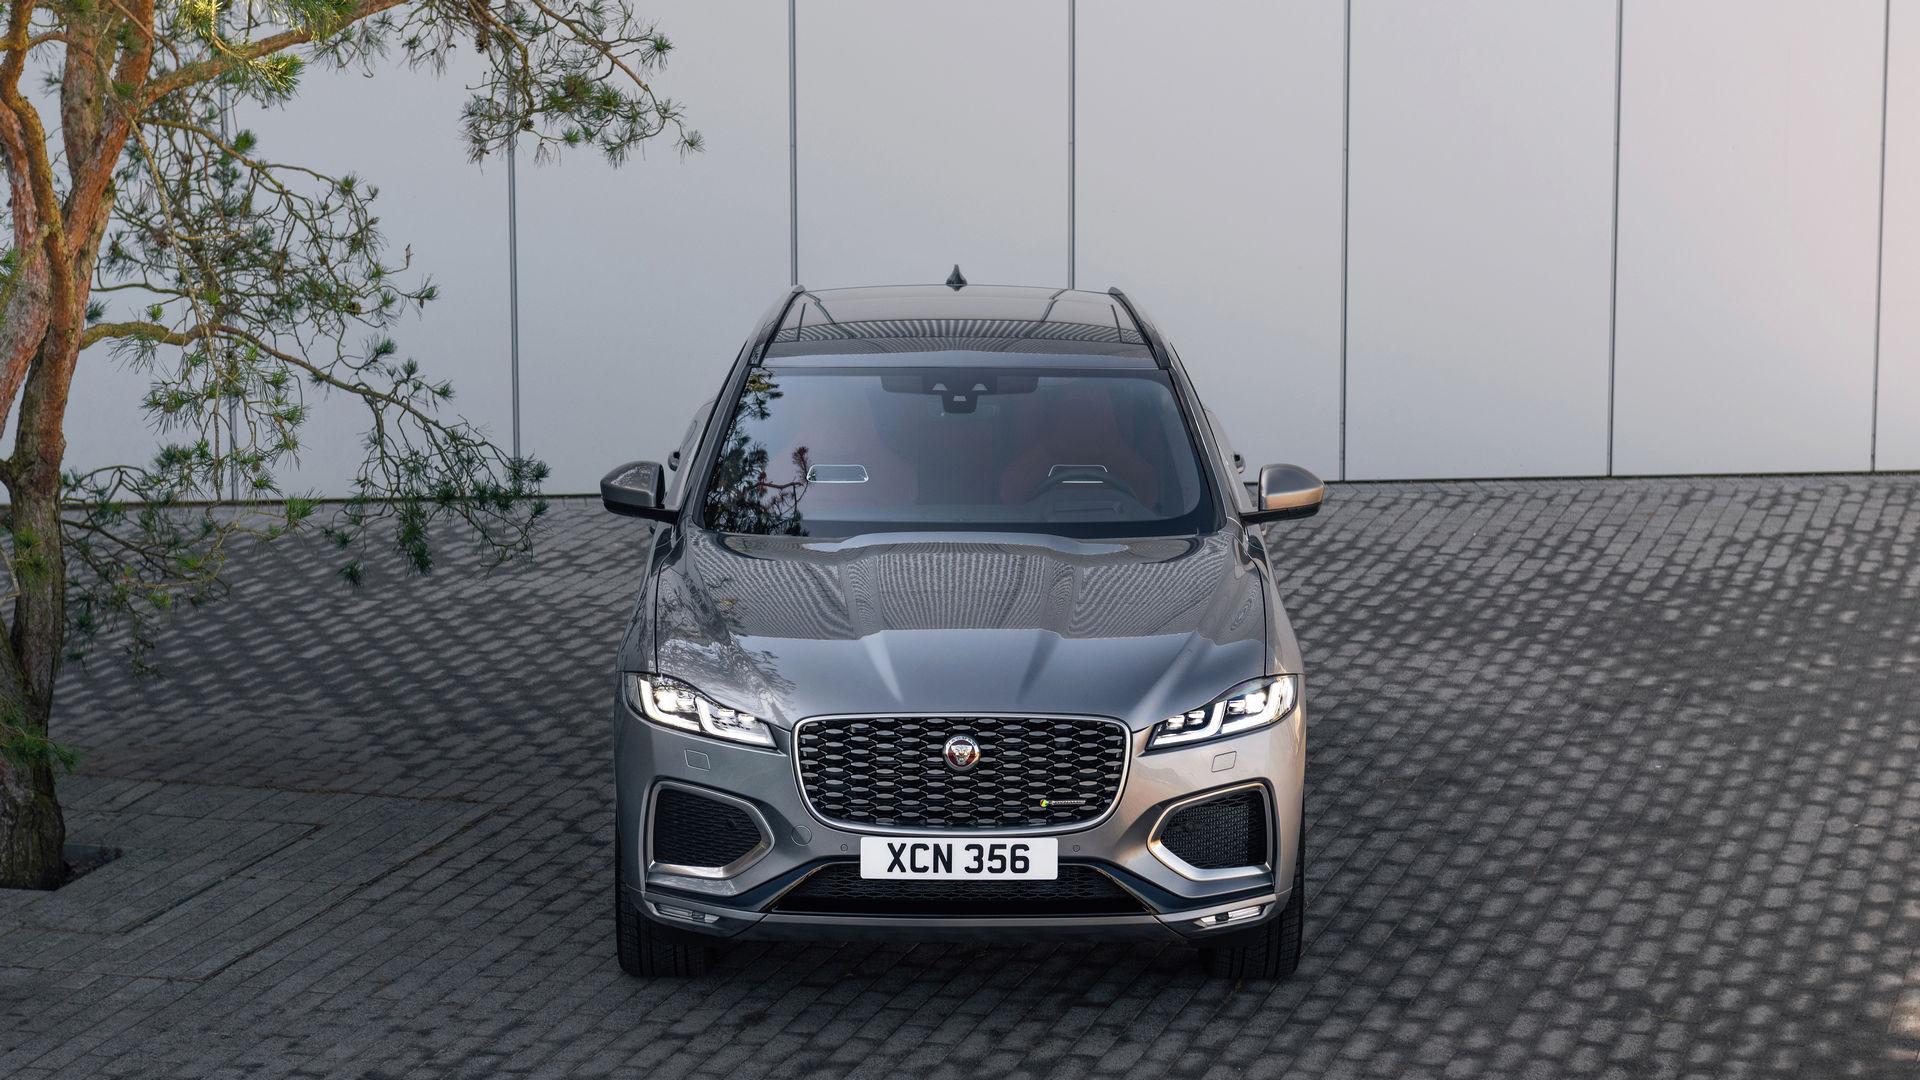 2021-jaguar-f-pace-119.jpg